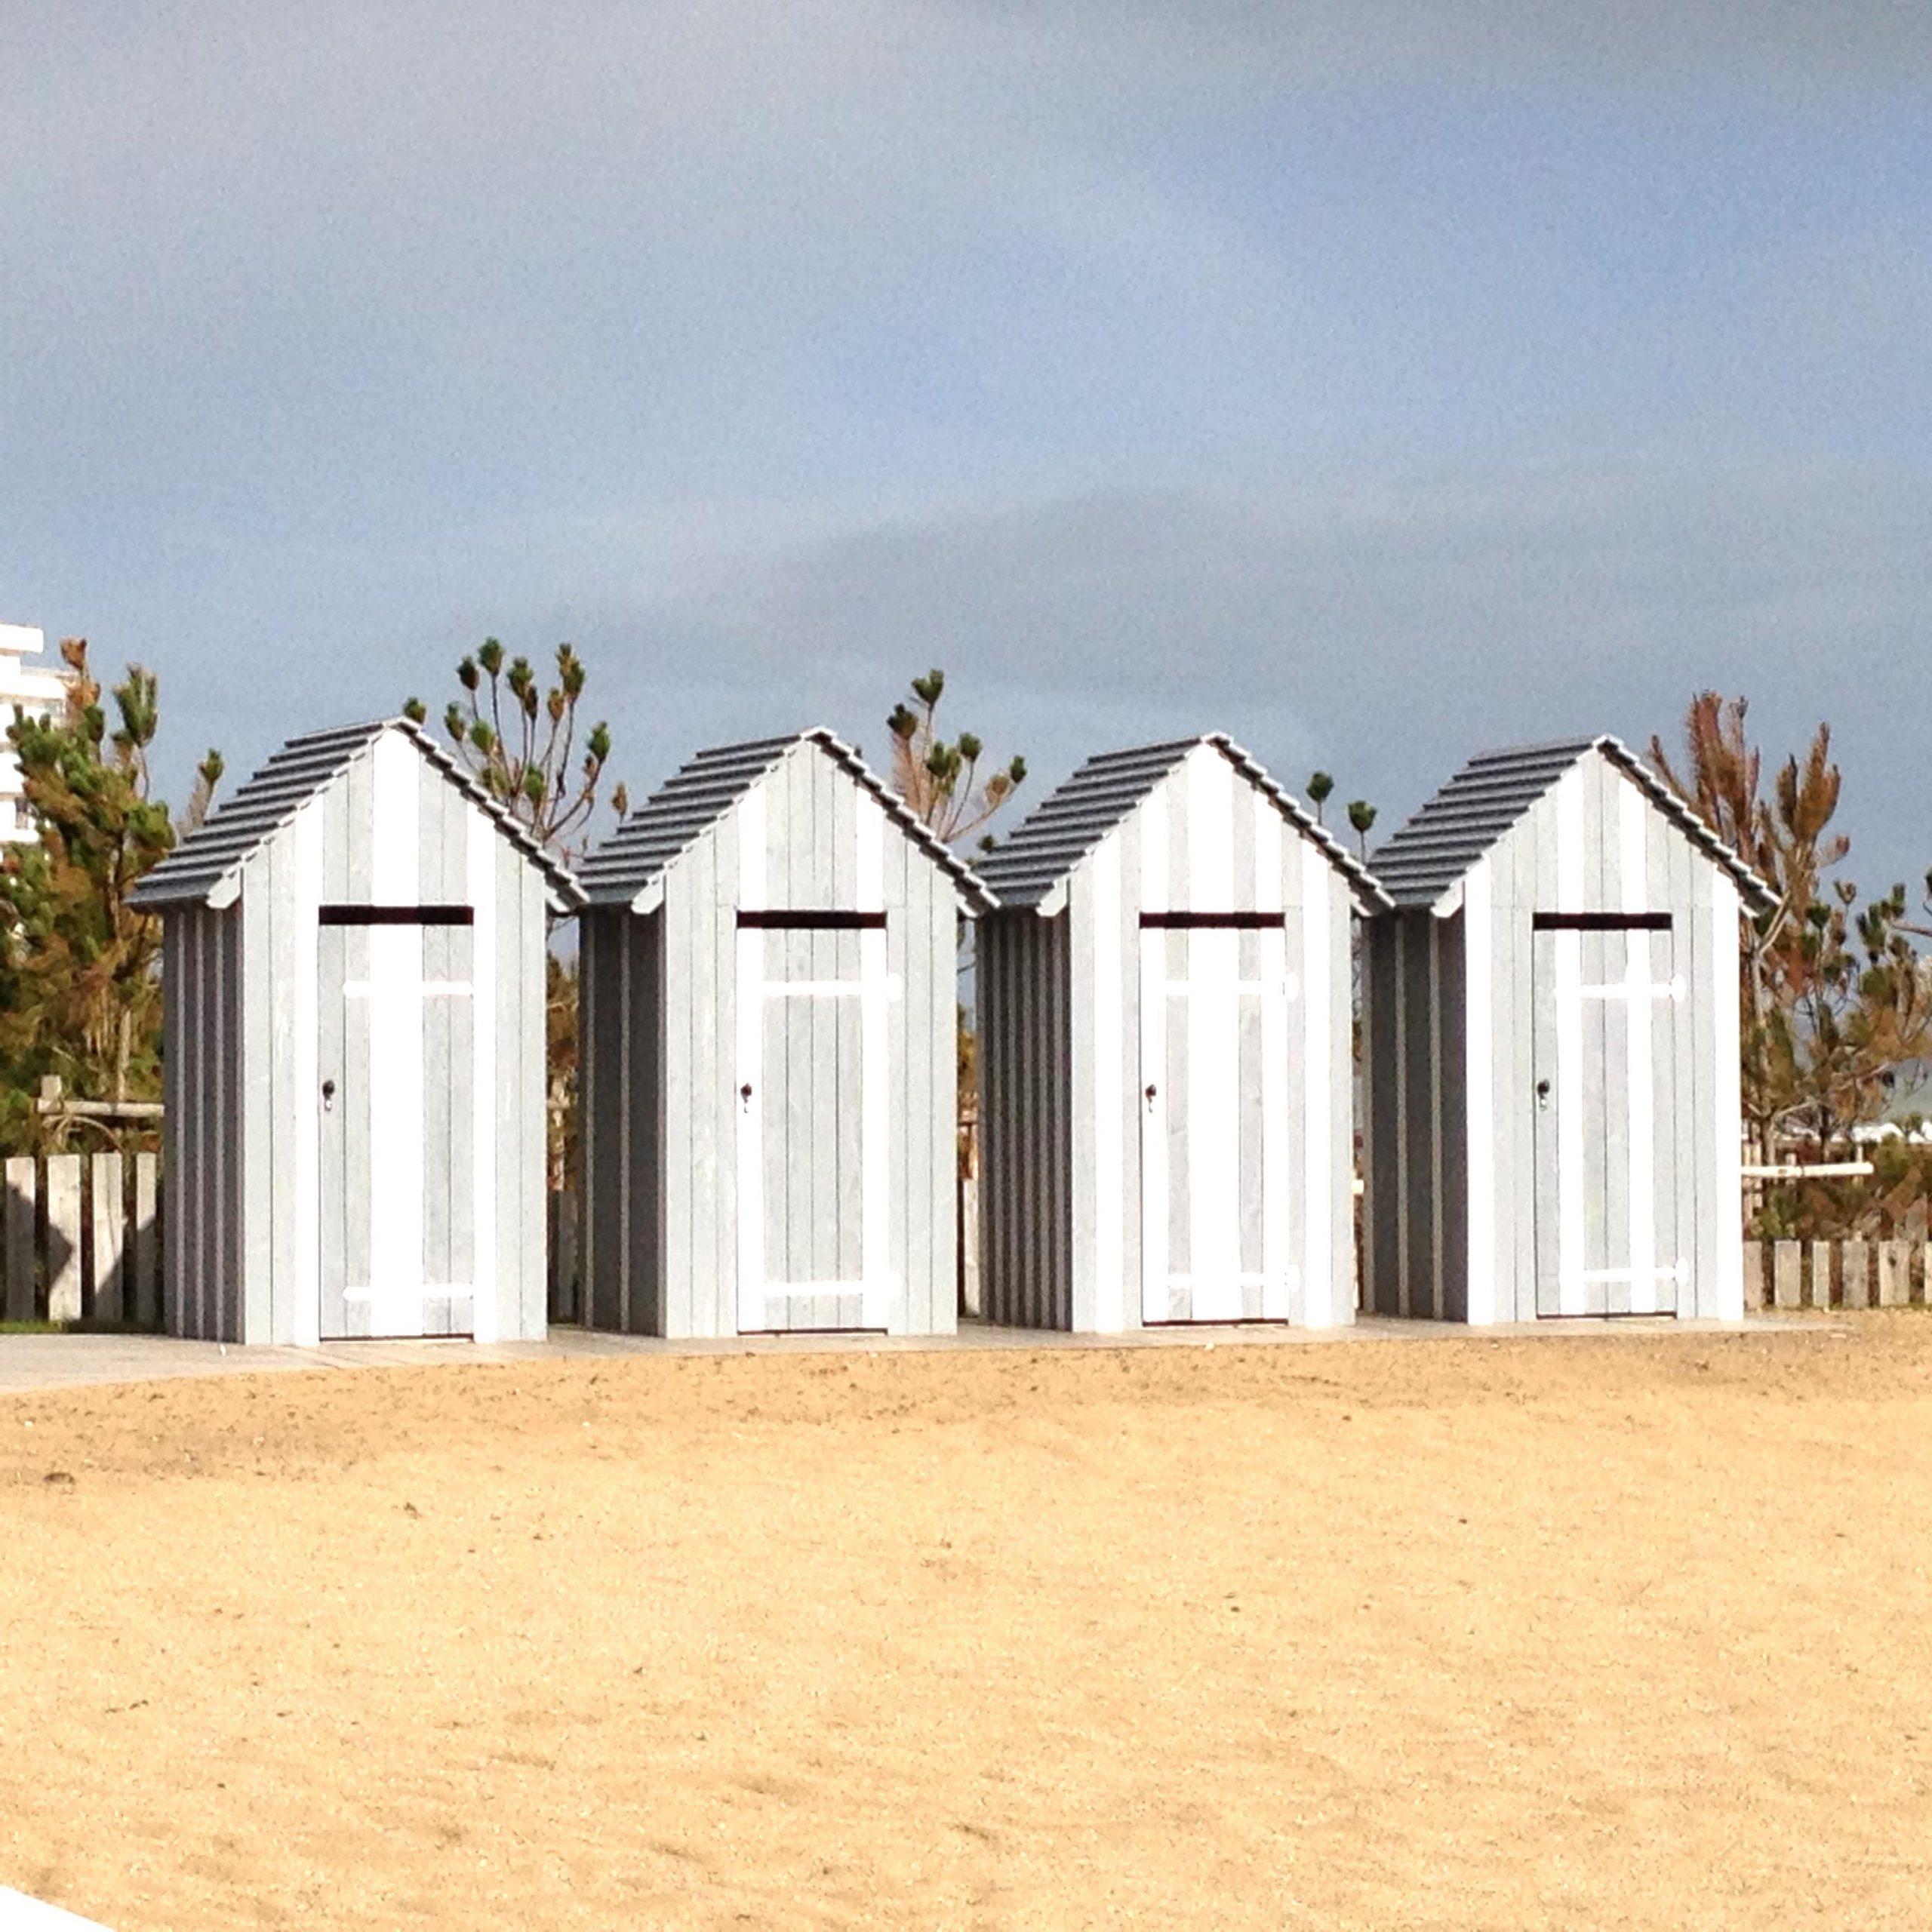 Cabine Plage Bois Plage D'occasion intérieur Cabine De Plage Pour Jardin